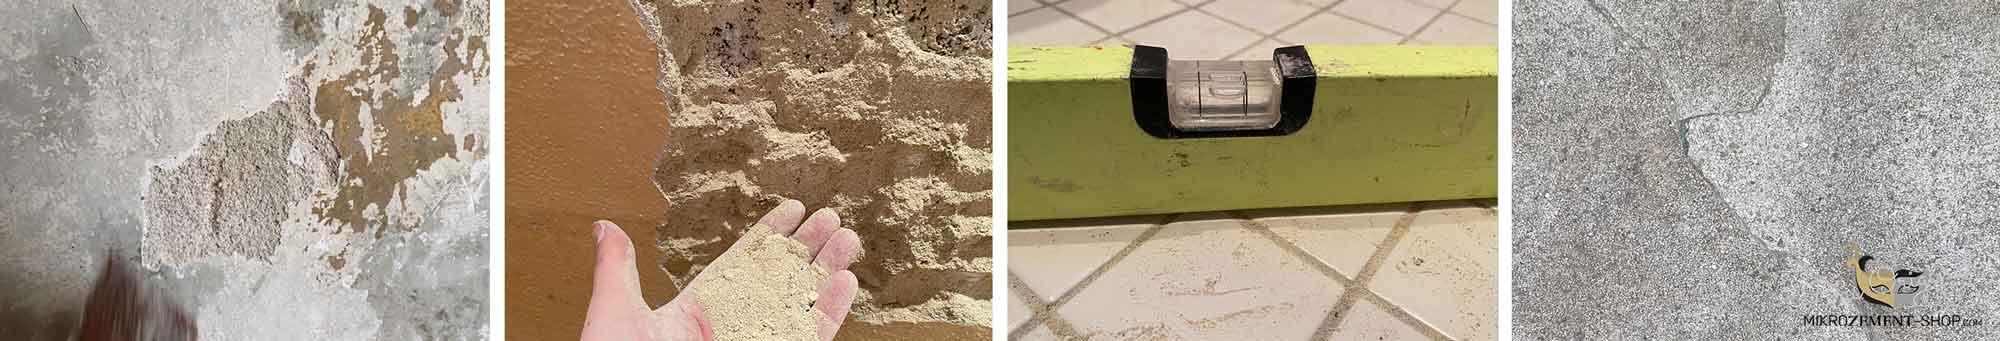 Untergrund für Microzement Belag prüfen